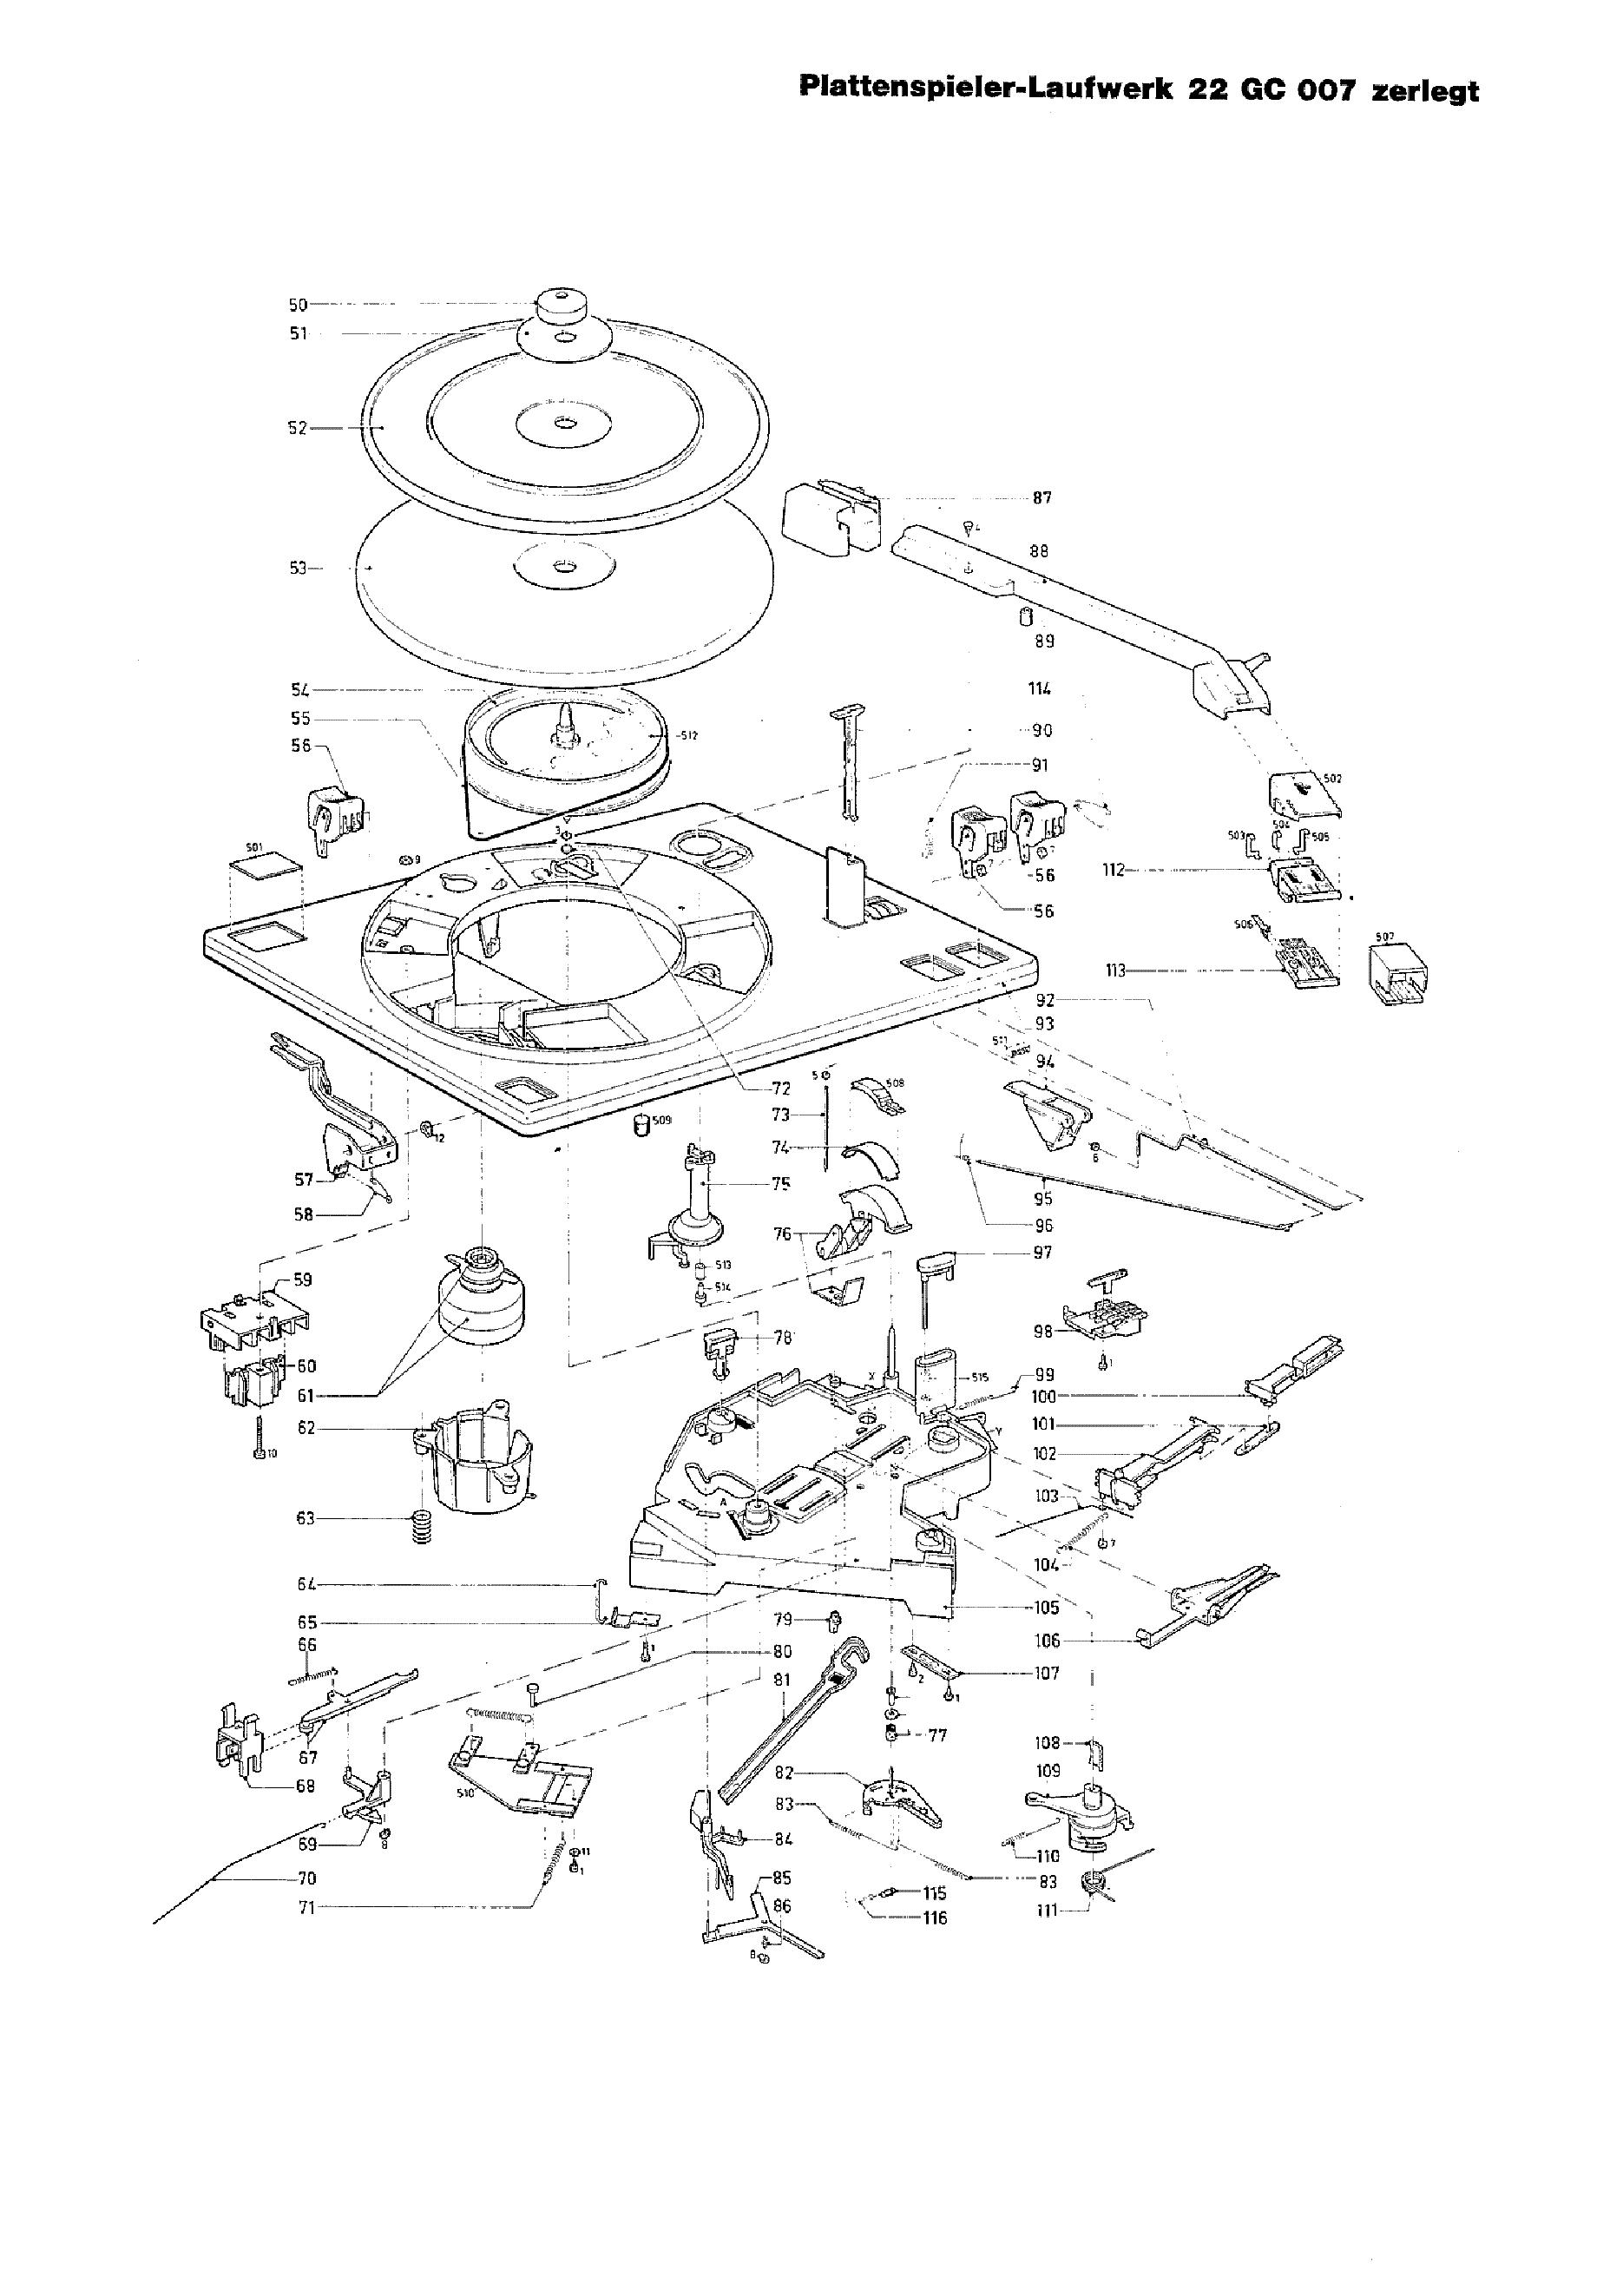 rickenbacker guitar schematics free wiring diagram images